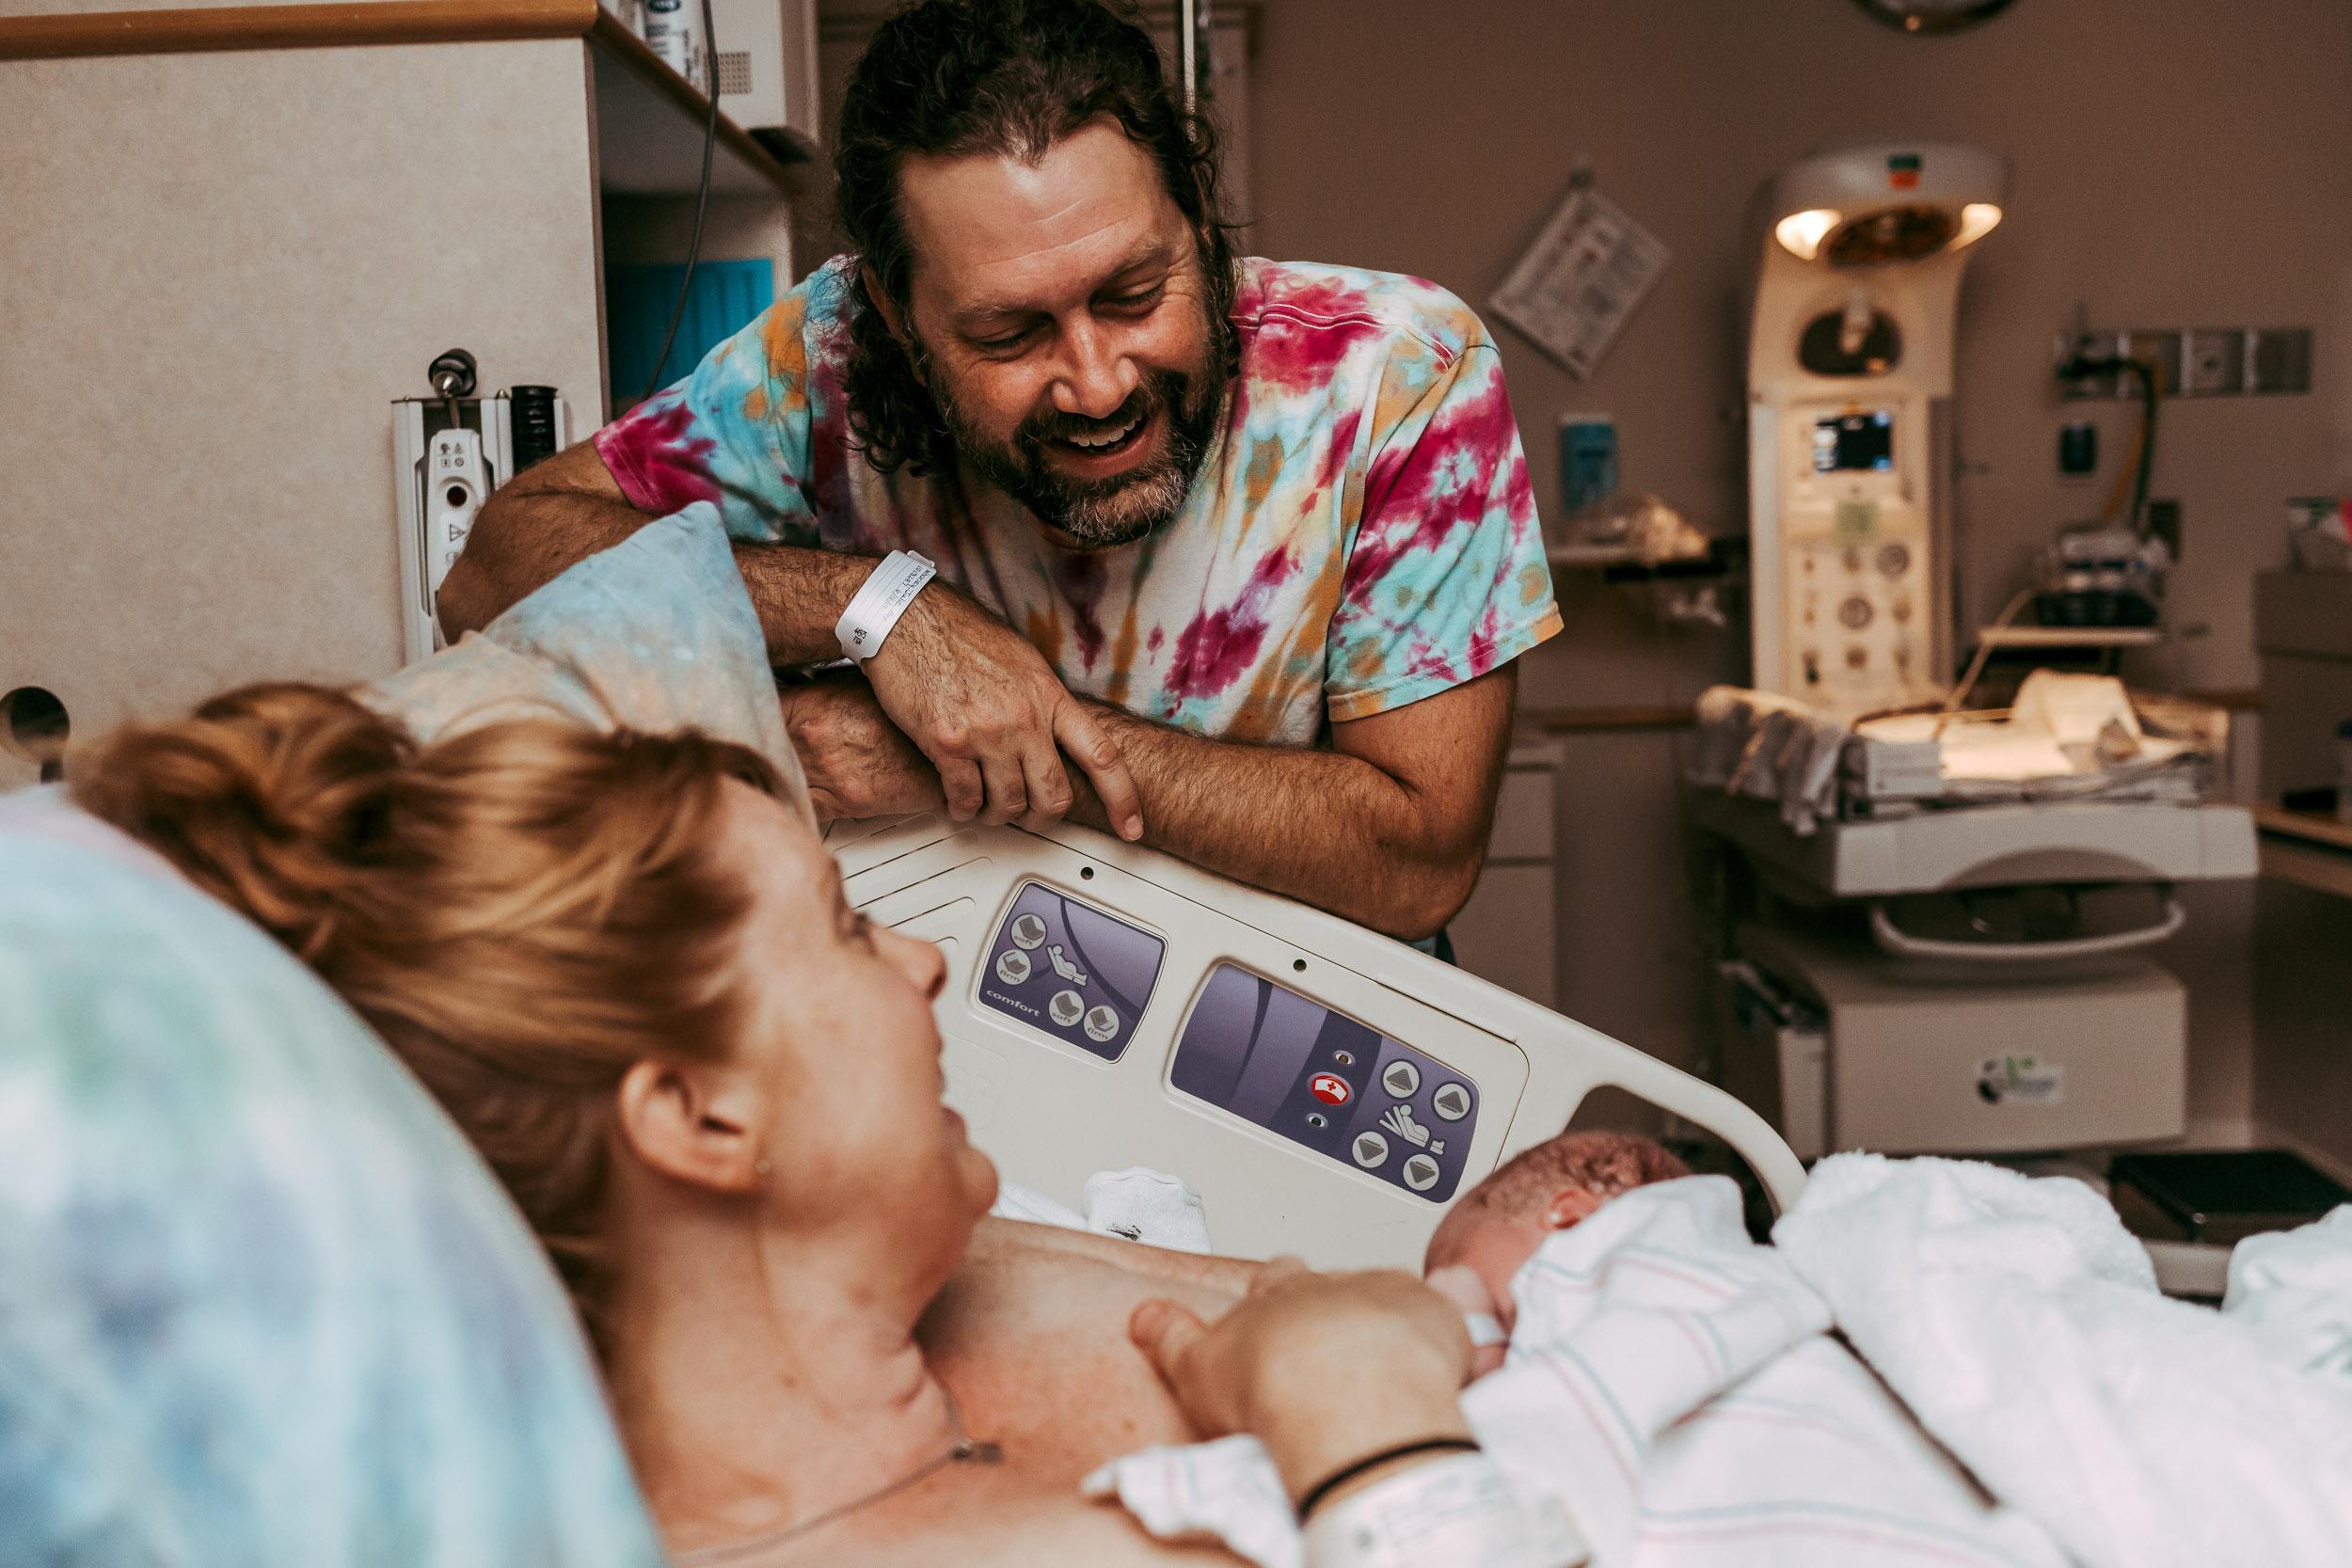 hospital birth photos in Danville, Virginia